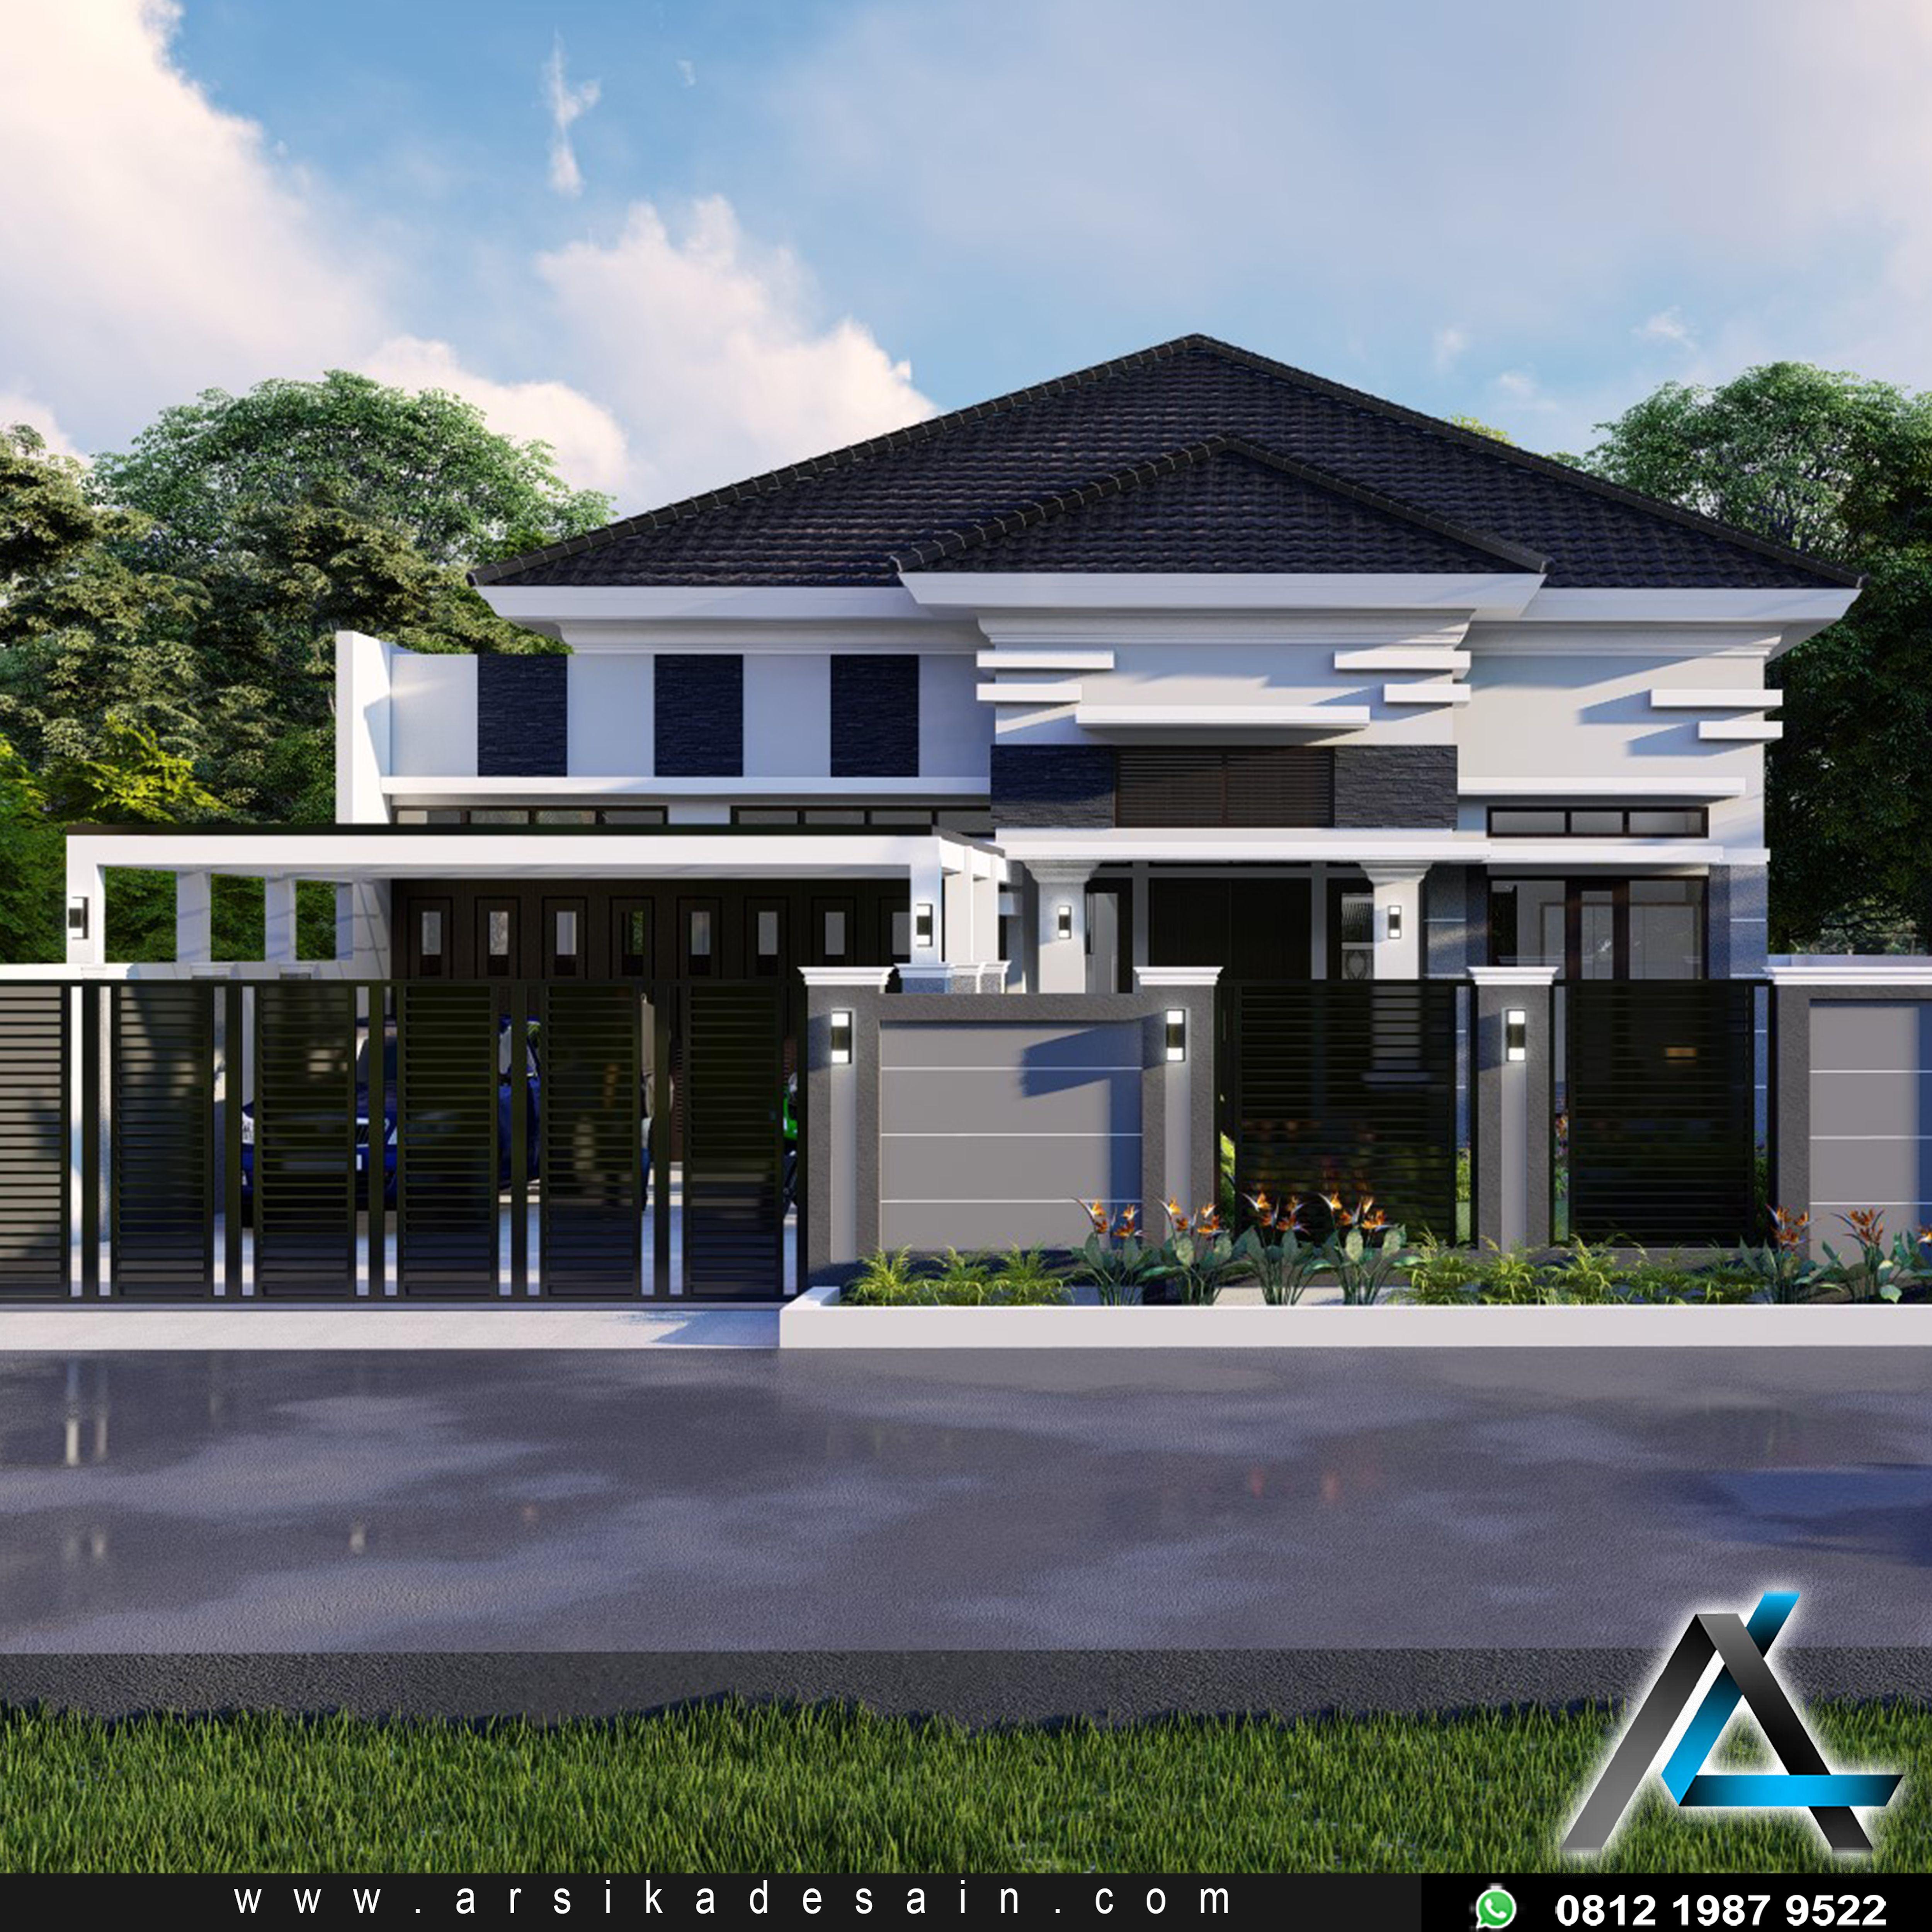 Desain Rumah Tropis 3 Kamar 1 Mushola 1 Garasi Cek Bahan Bangunan